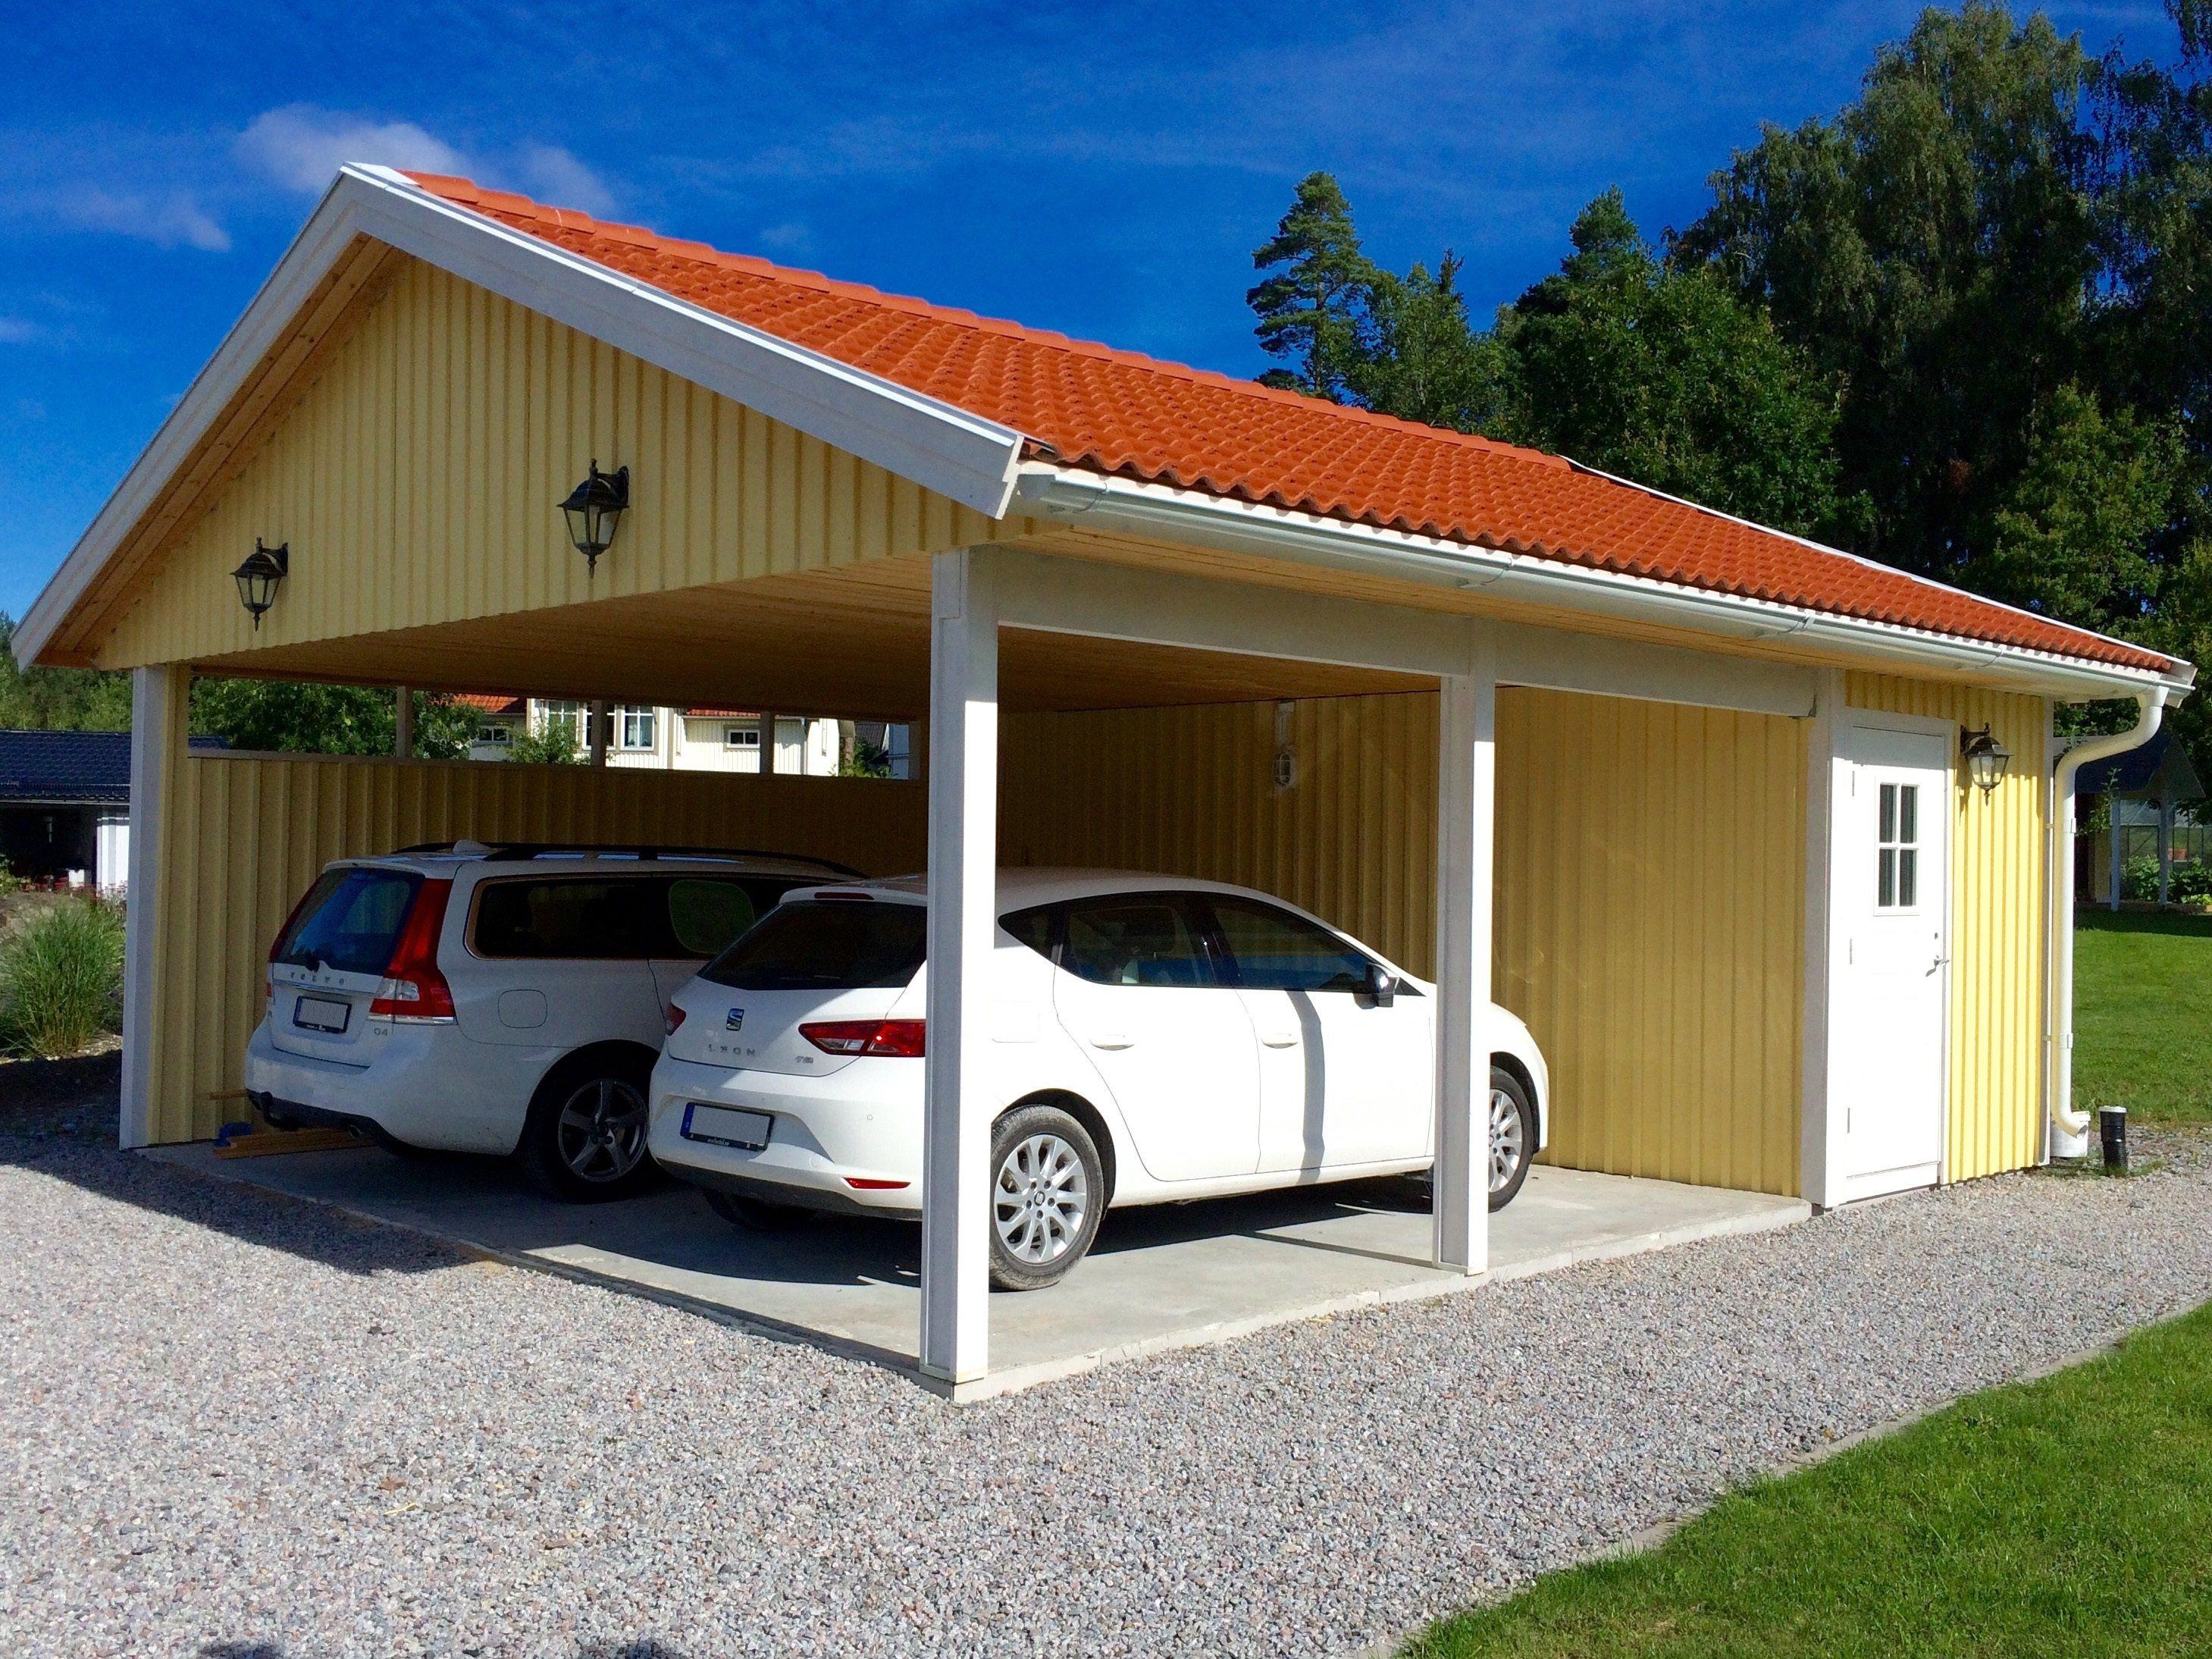 Carport För Två Bilar Och Förråd Carport Husritningar Hus Exteriör